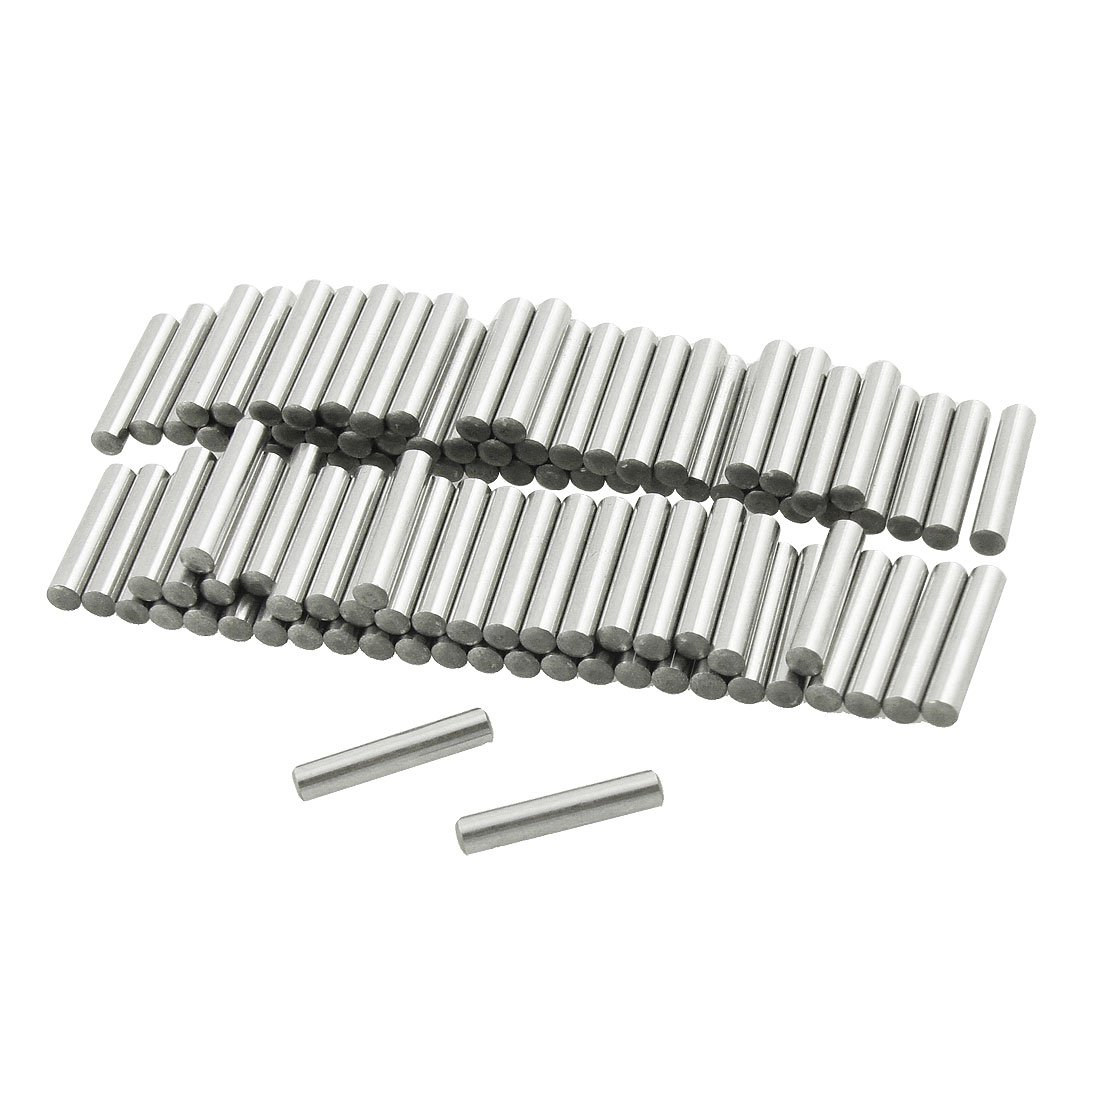 Sourcingmap a12042300ux0528-100 piezas de acero inoxidable de 3 mm x 15.8mm pasadores elementos fastenal